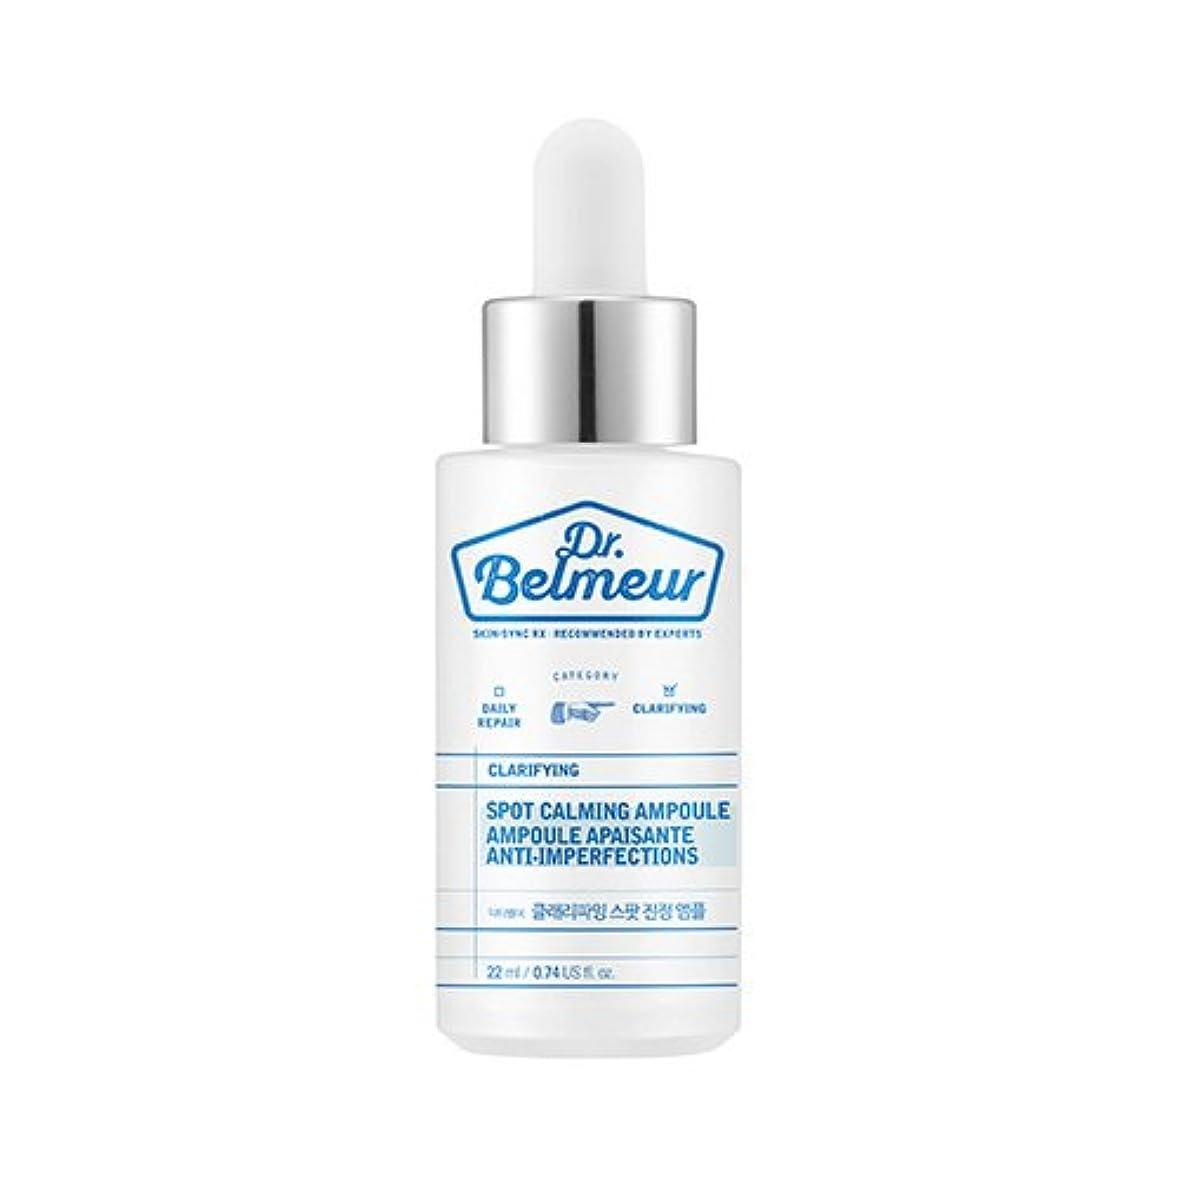 食事裁定渦THE FACE SHOP Dr.Belmeur Clarifying Spot Calming Ampoule 22ml/ザフェイスショップ ドクターベルムール クラリファイング スポット カーミング アンプル 22ml